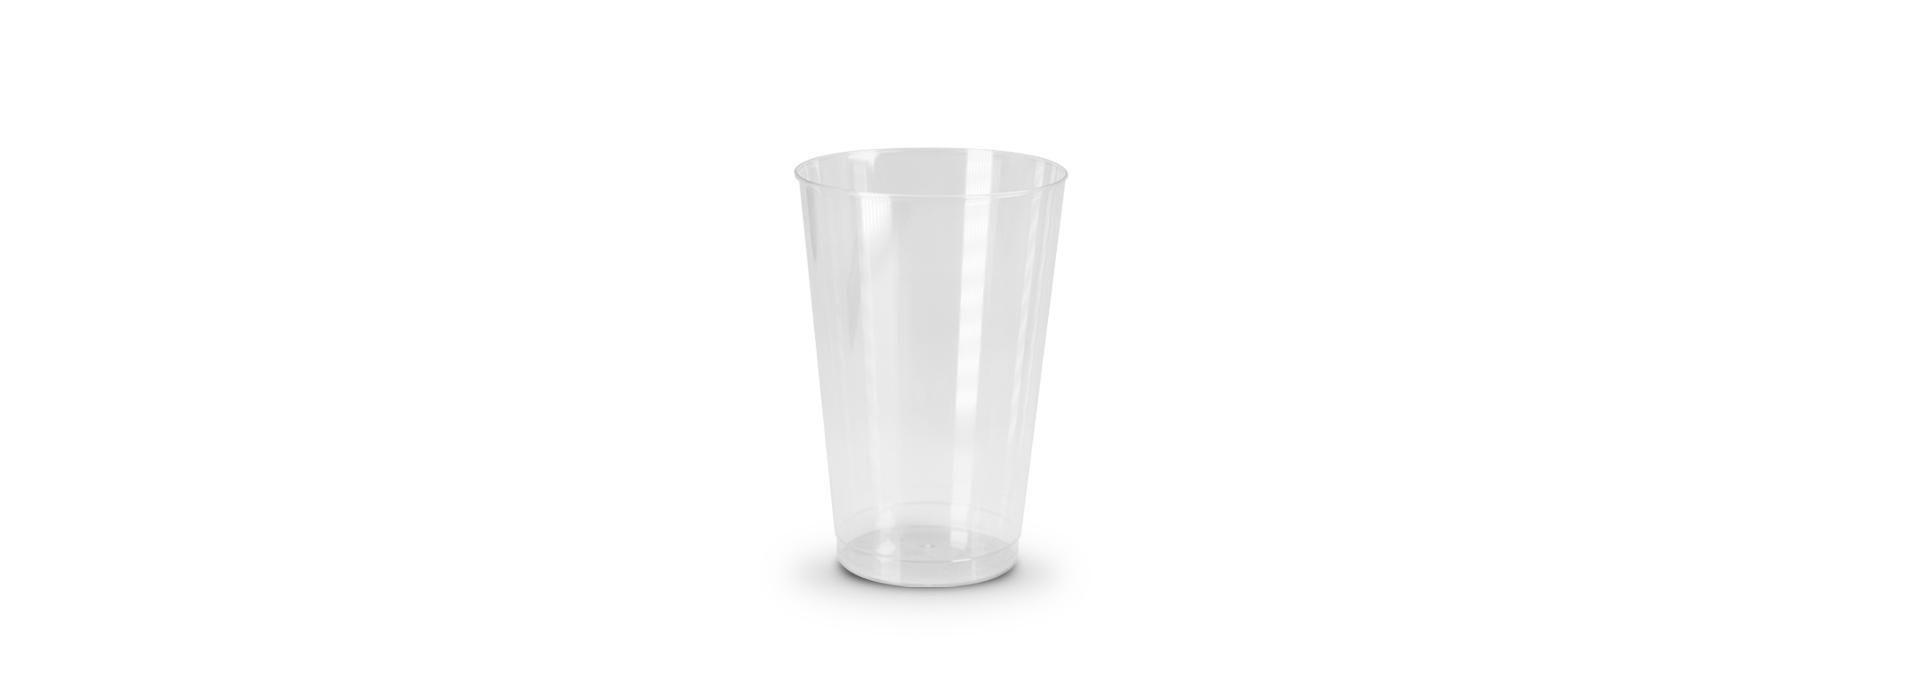 一次性塑料杯子:上海珂哲塑料包装技术有限公司